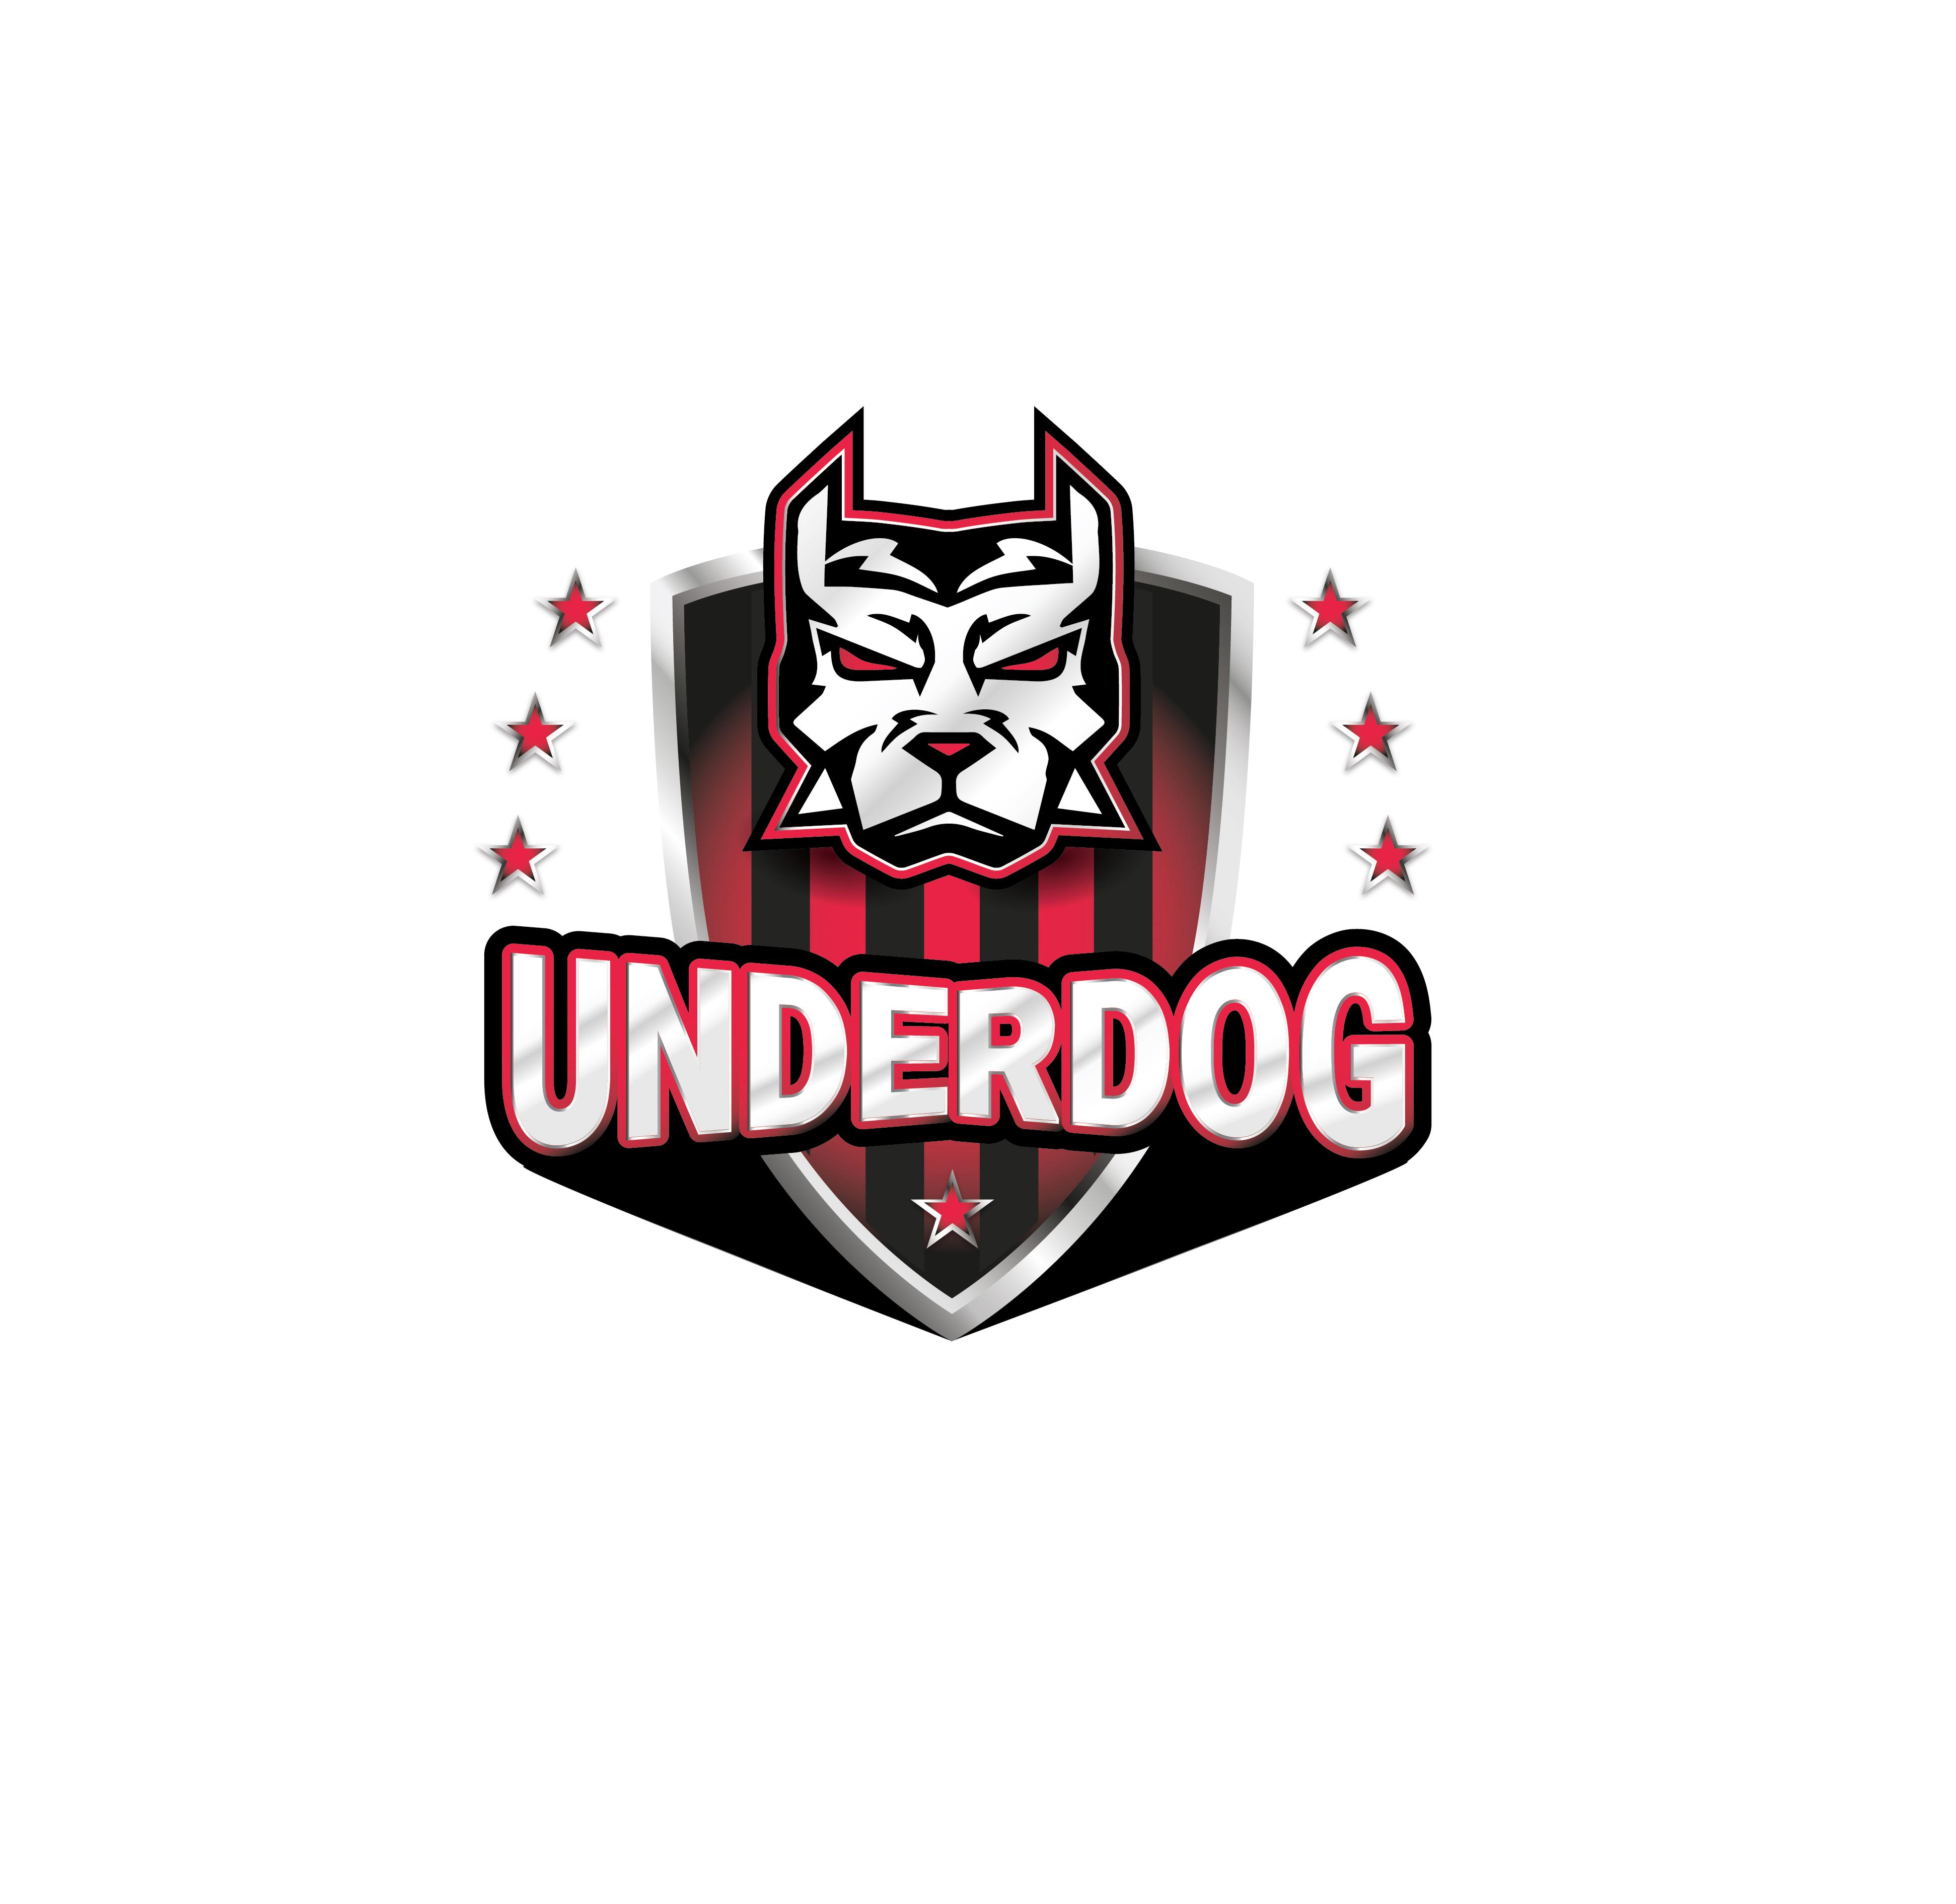 Футбольный клуб UNDERDOG - разработать фирстиль и бренд-бук фото f_5915cb06bb44190a.jpg